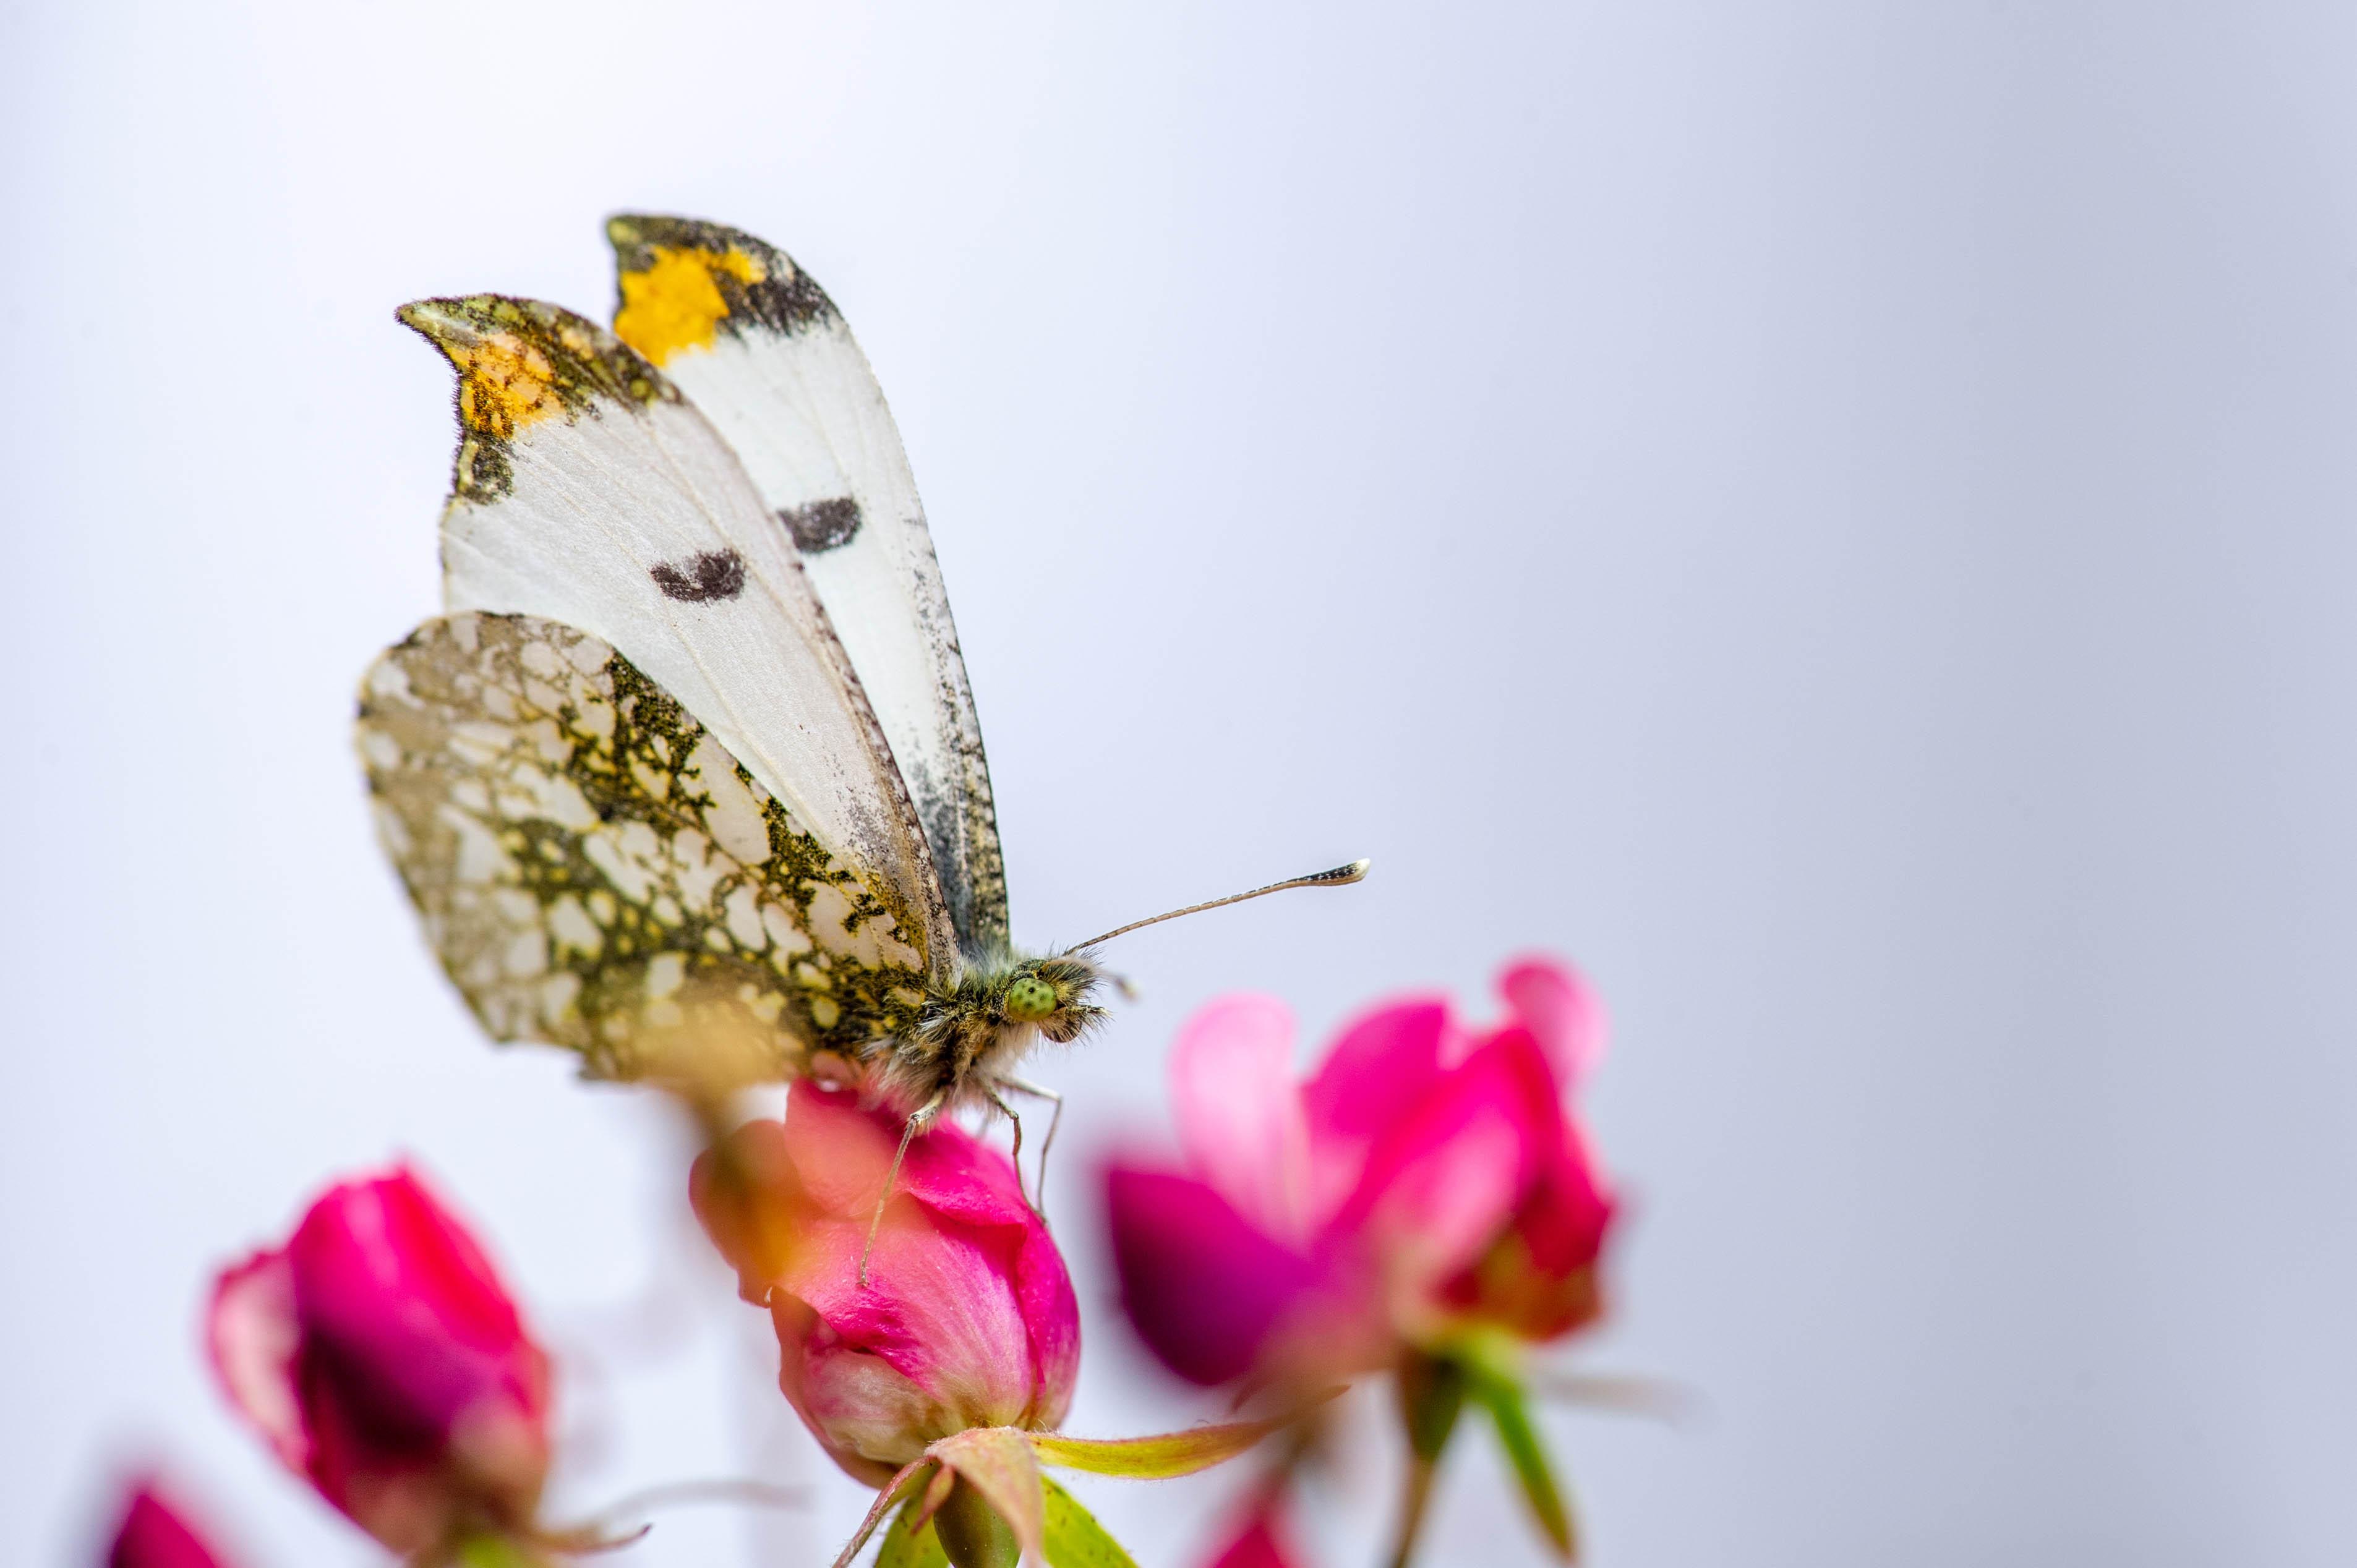 ツマキチョウのオス